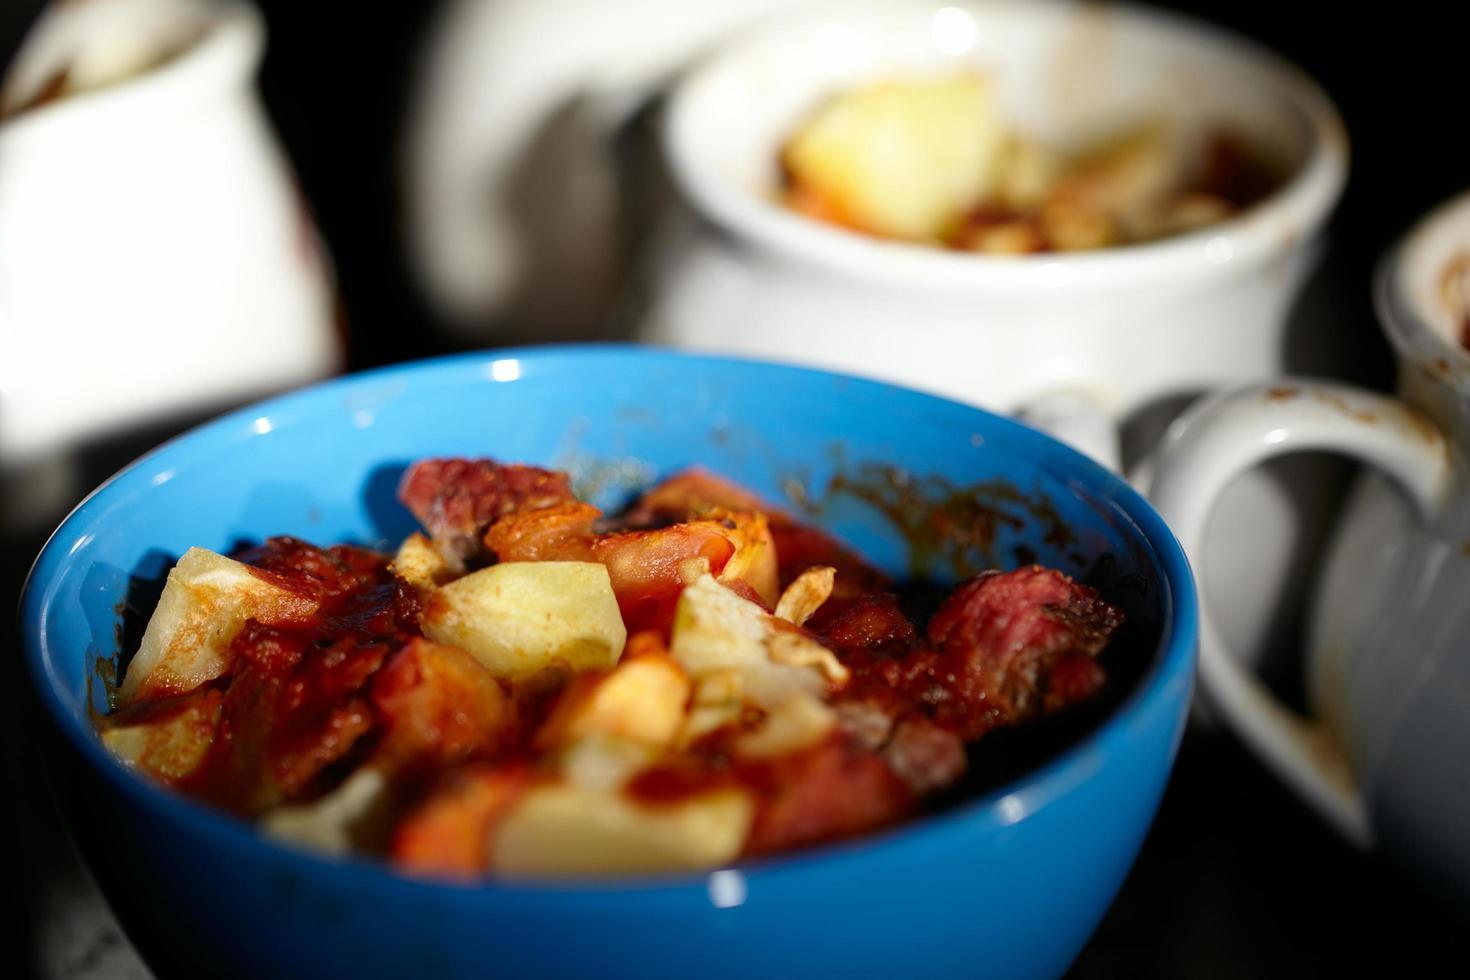 viande de mouton et pommes de terre dans un bol photo